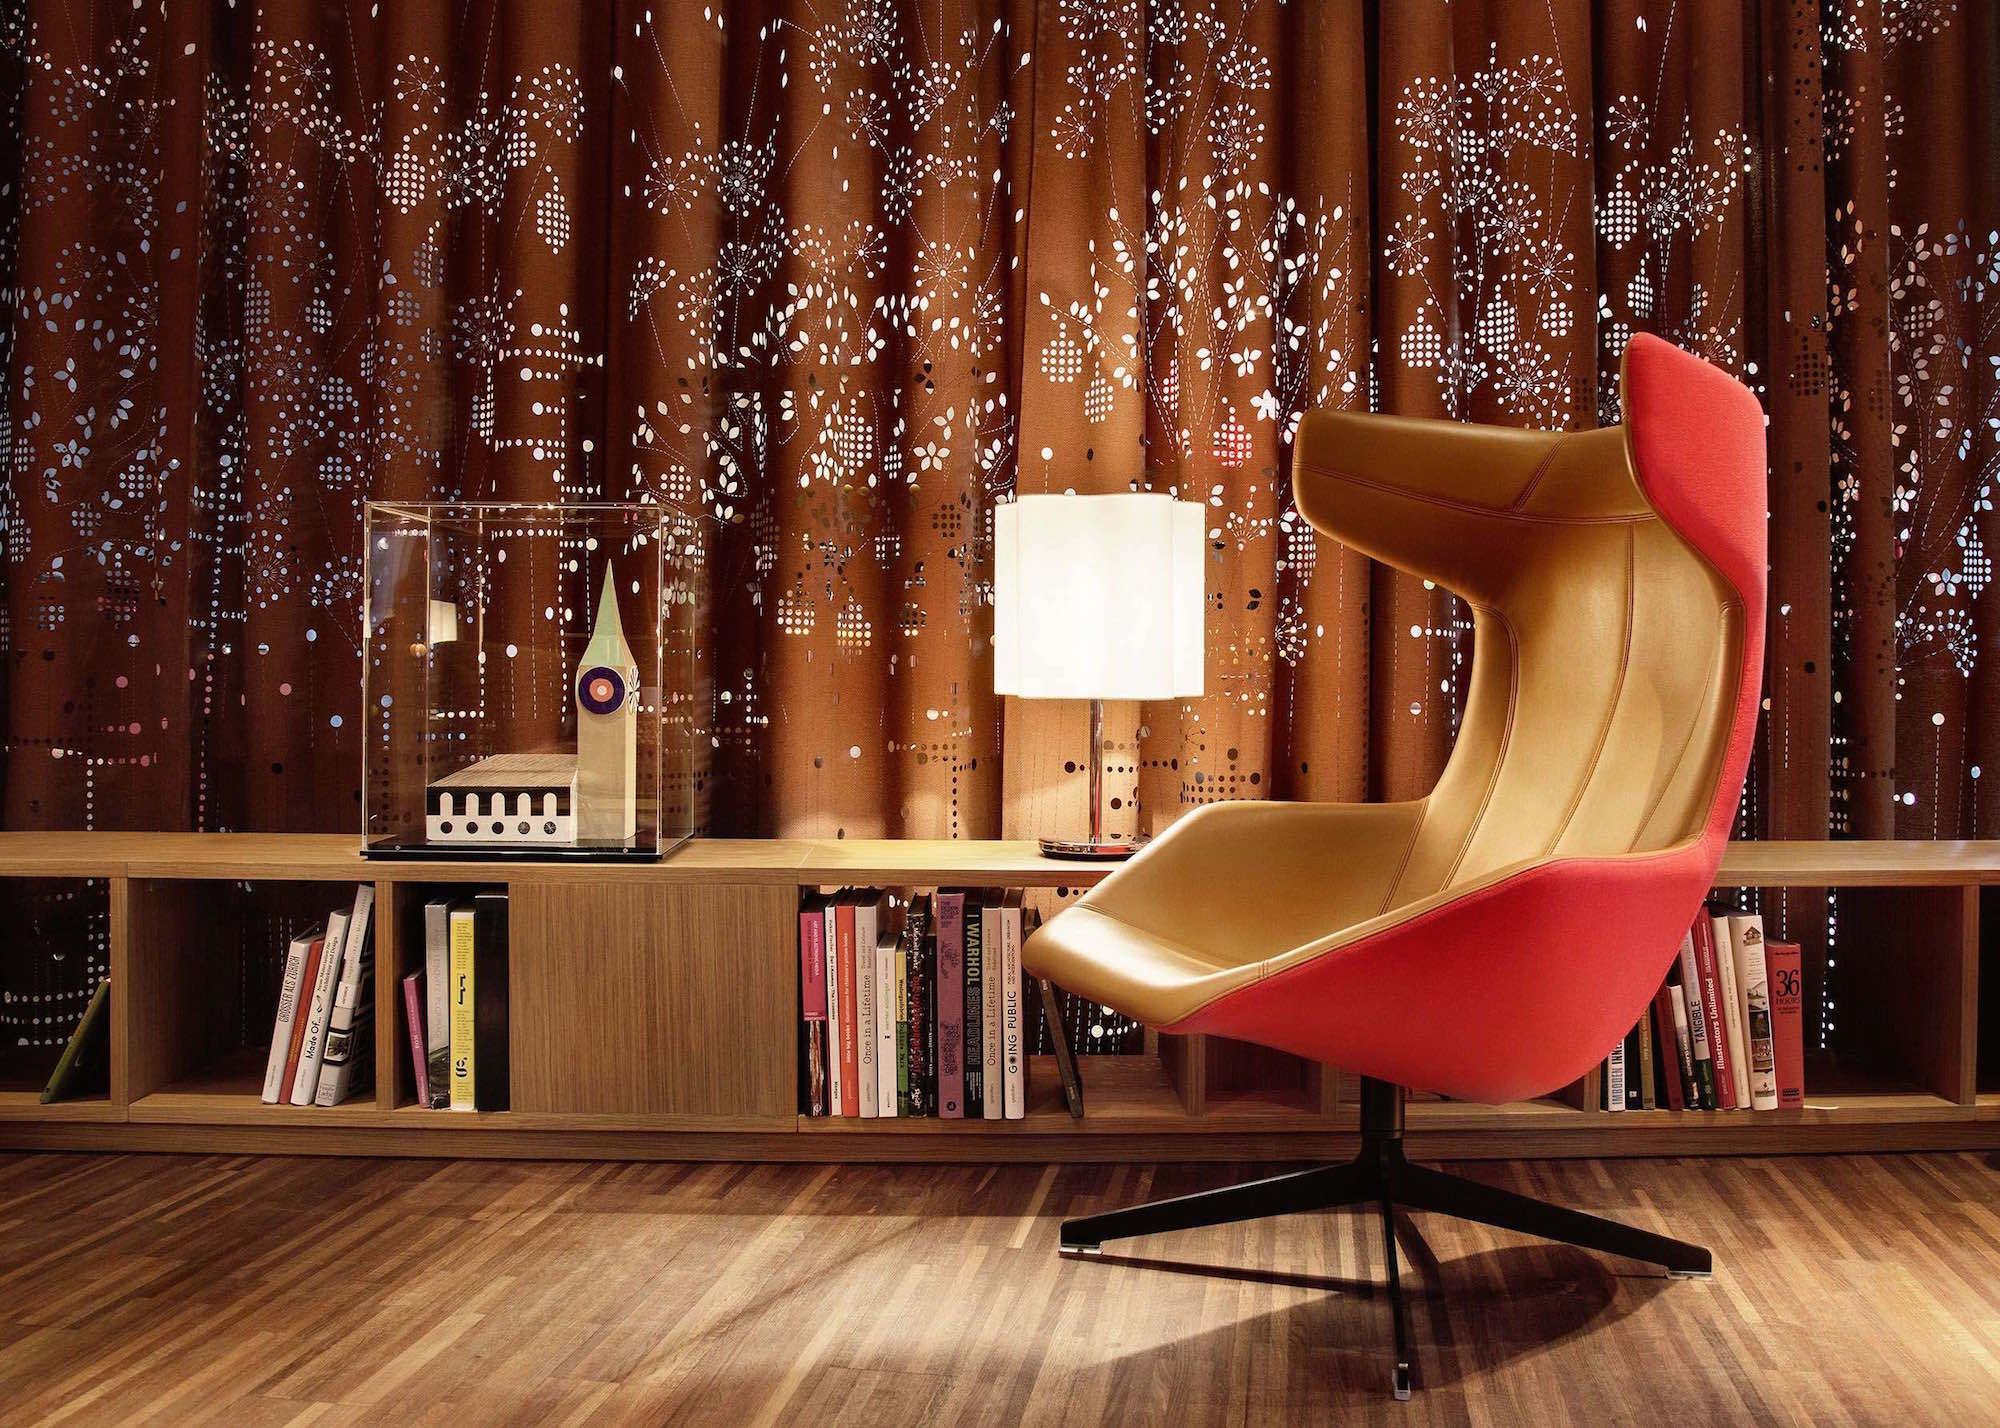 Hotel_25hours_Bookworm_03